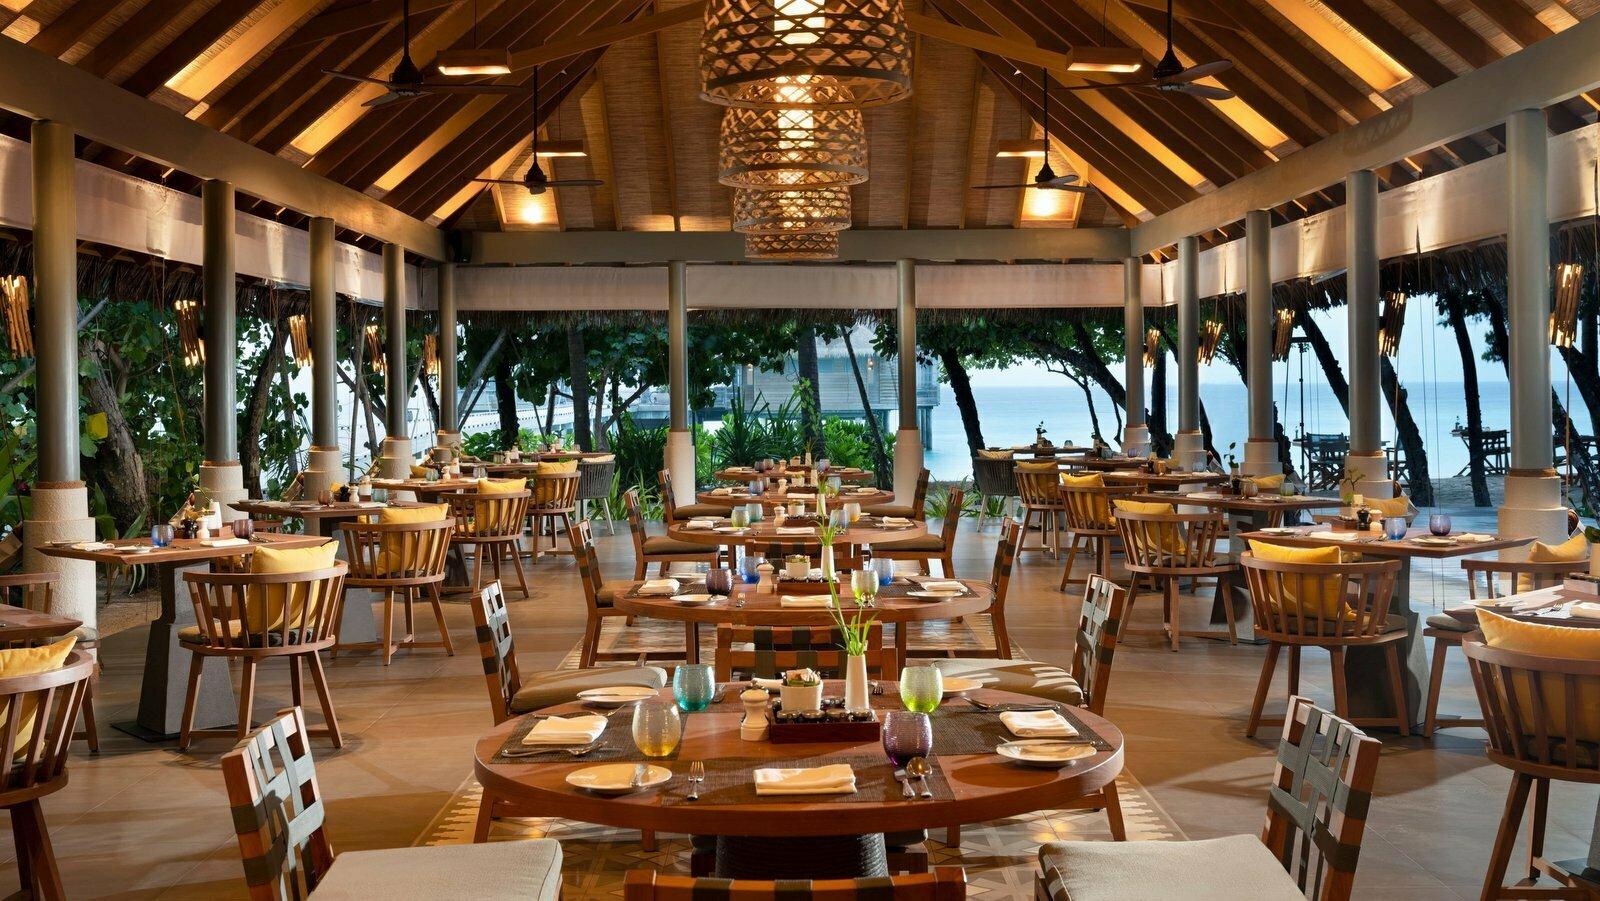 Мальдивы, отель Vakkaru Maldives, ресторан Amaany